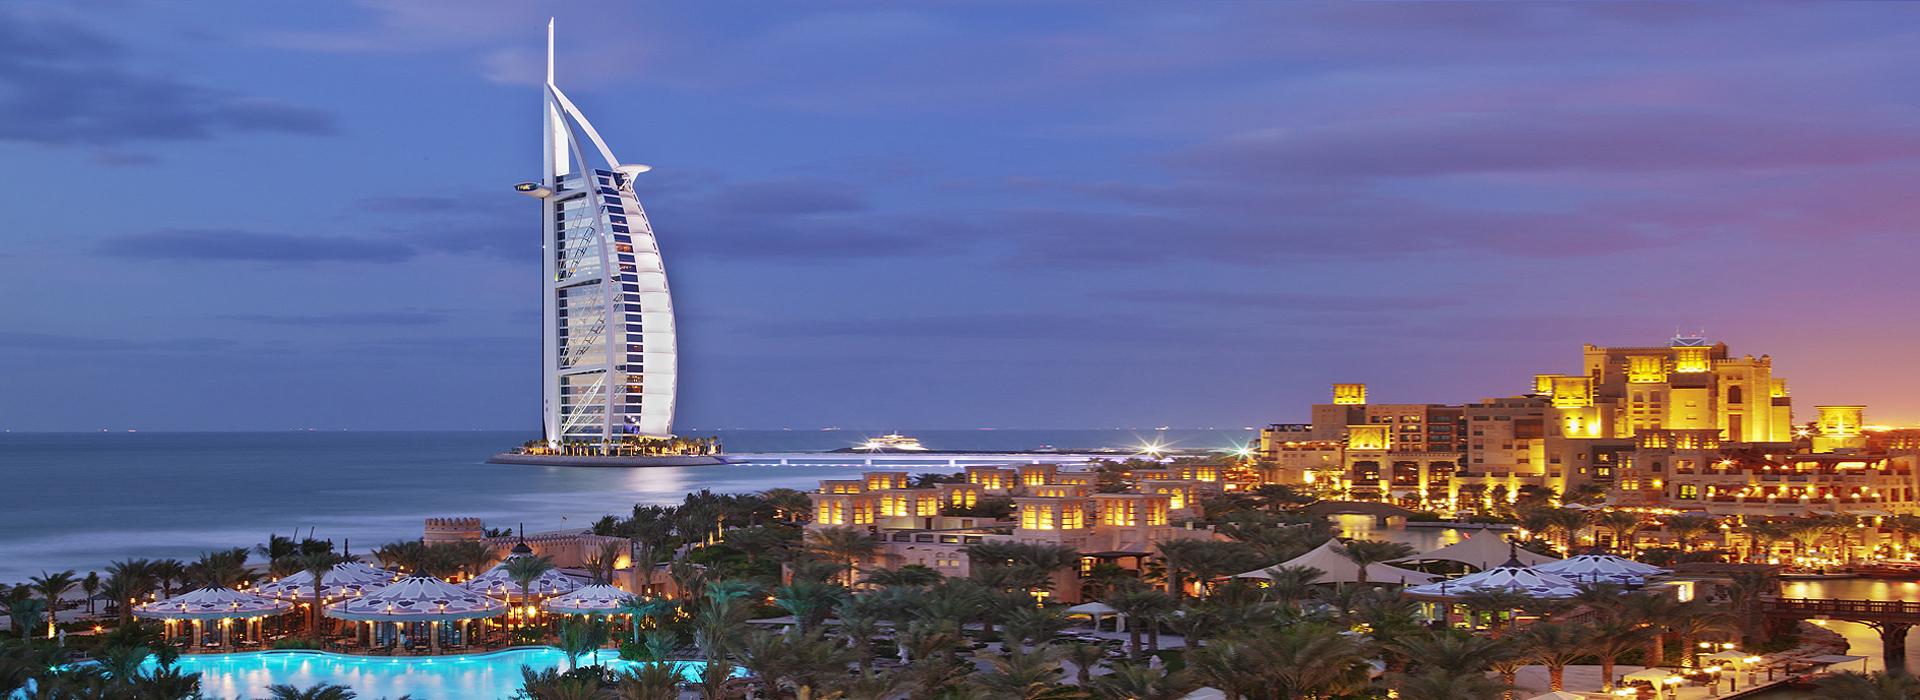 Visum für Dubai Vereinigte Arabische Emirate